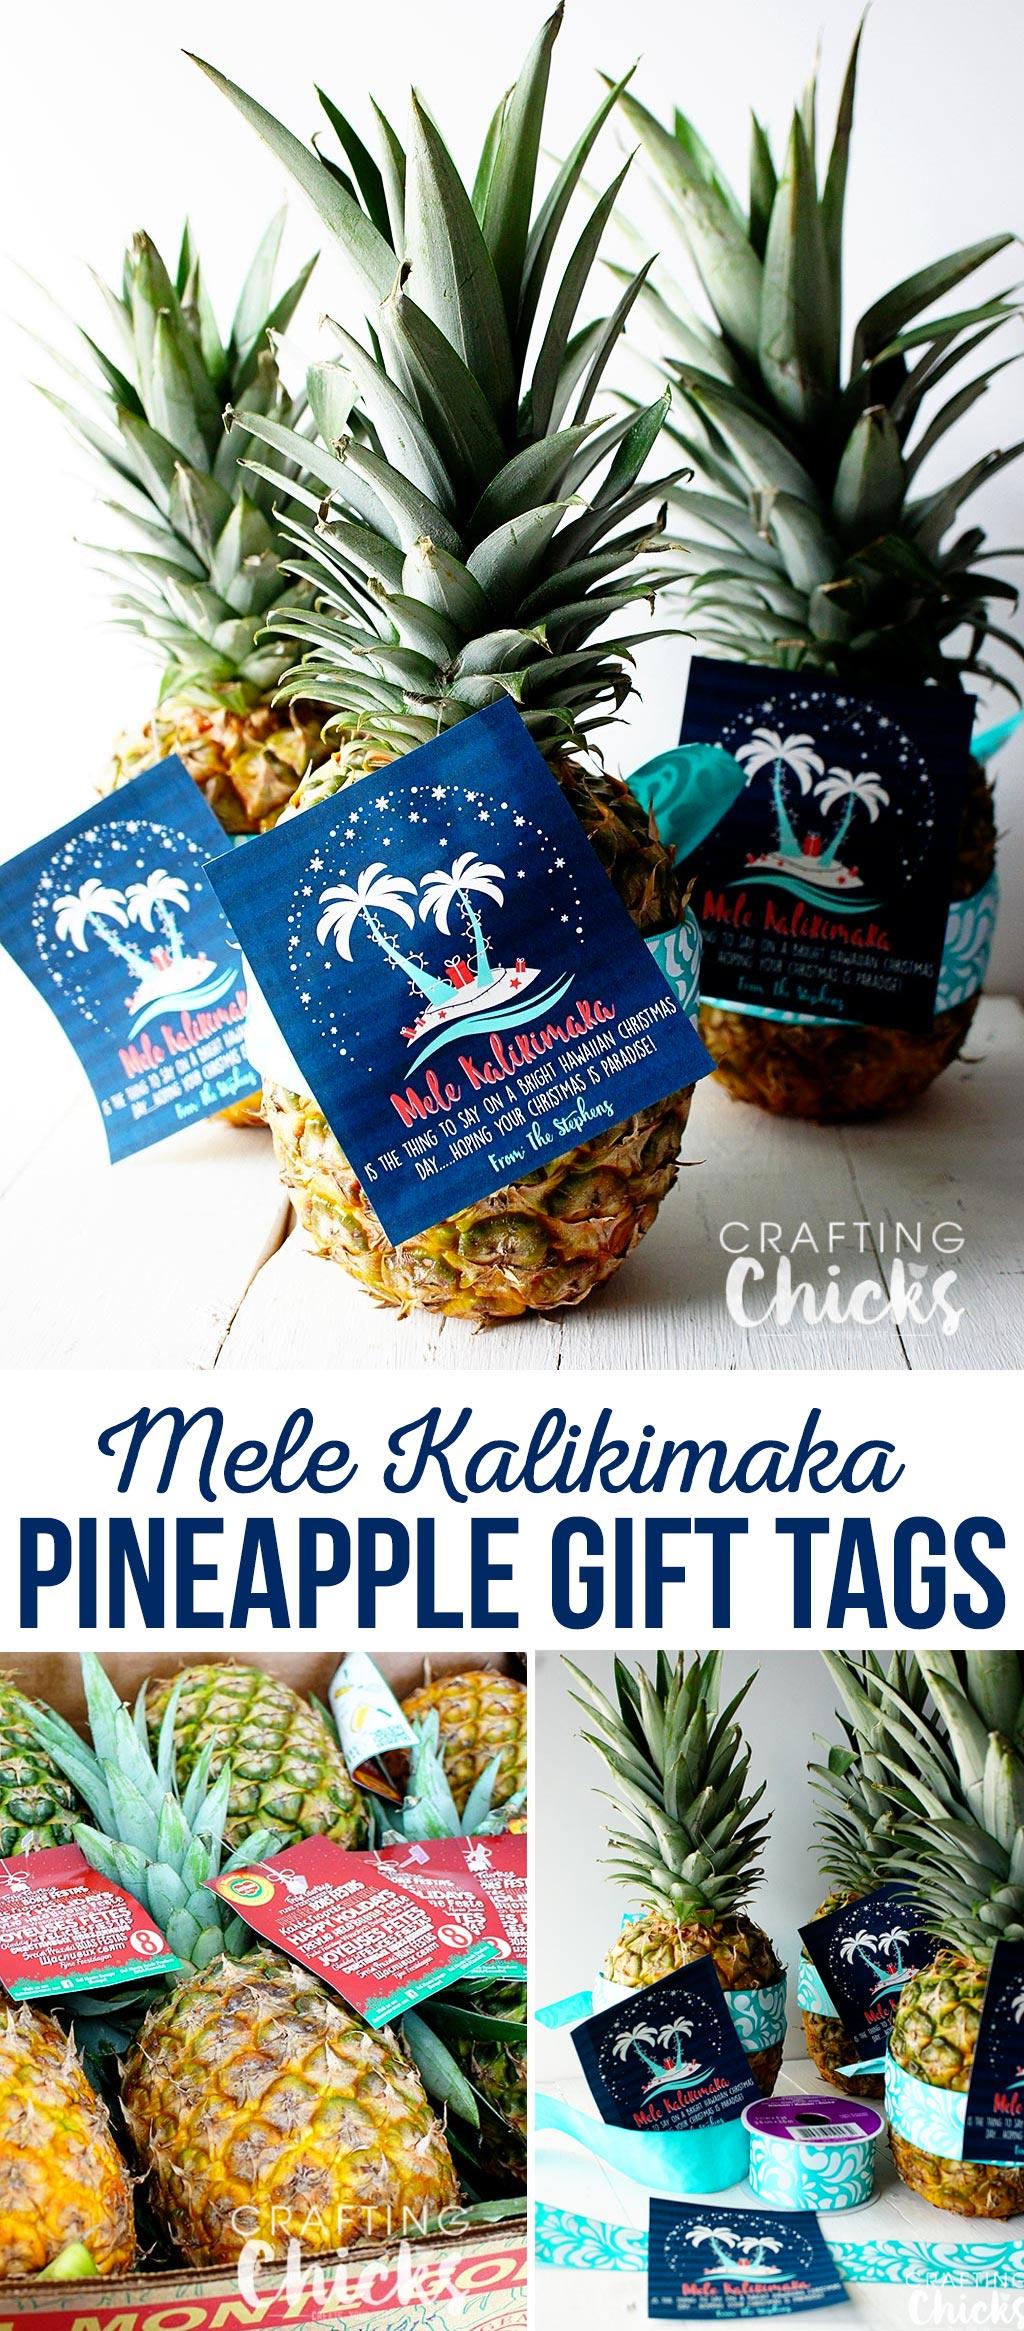 Pineapple Christmas Gift Tag - Mele Kalikimaka